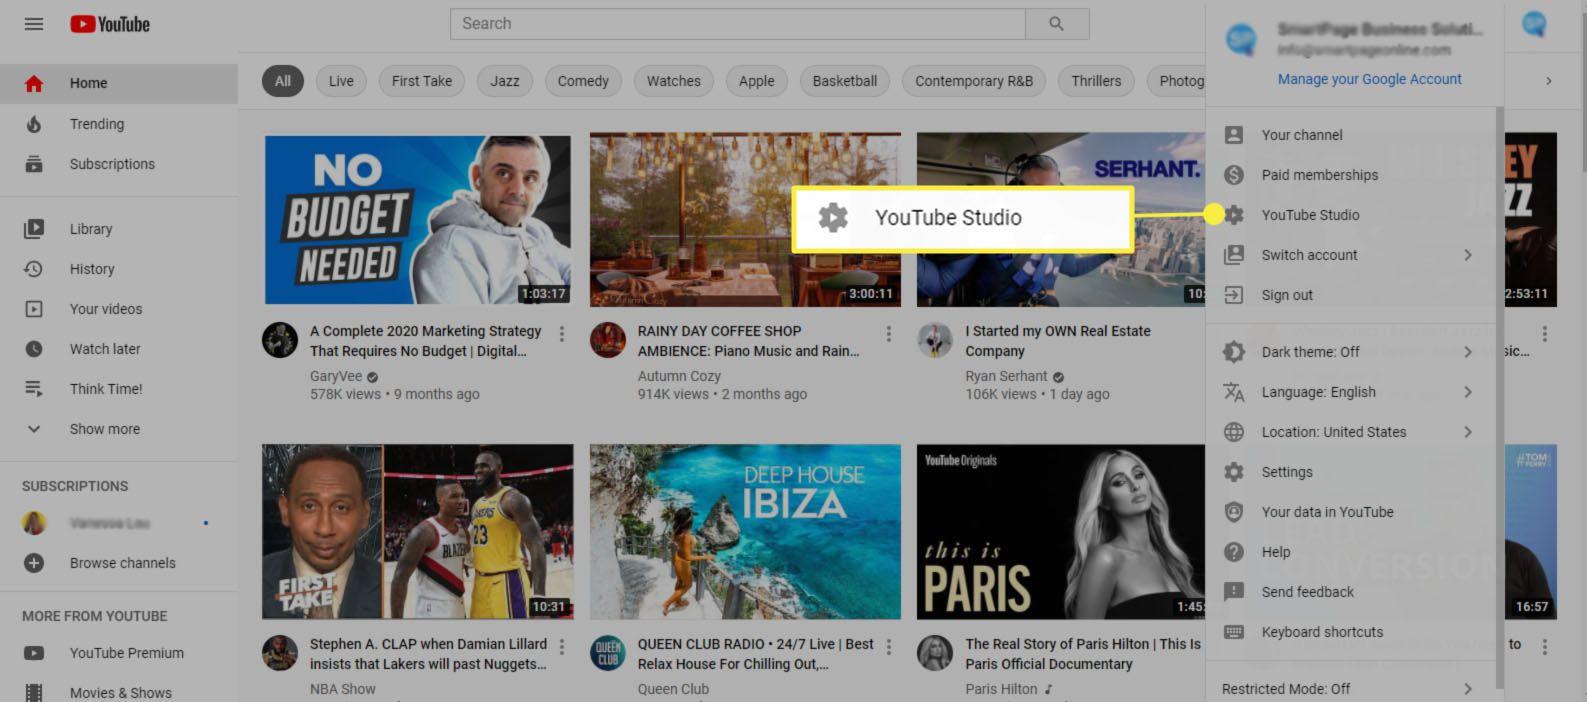 YouTube Studio - select